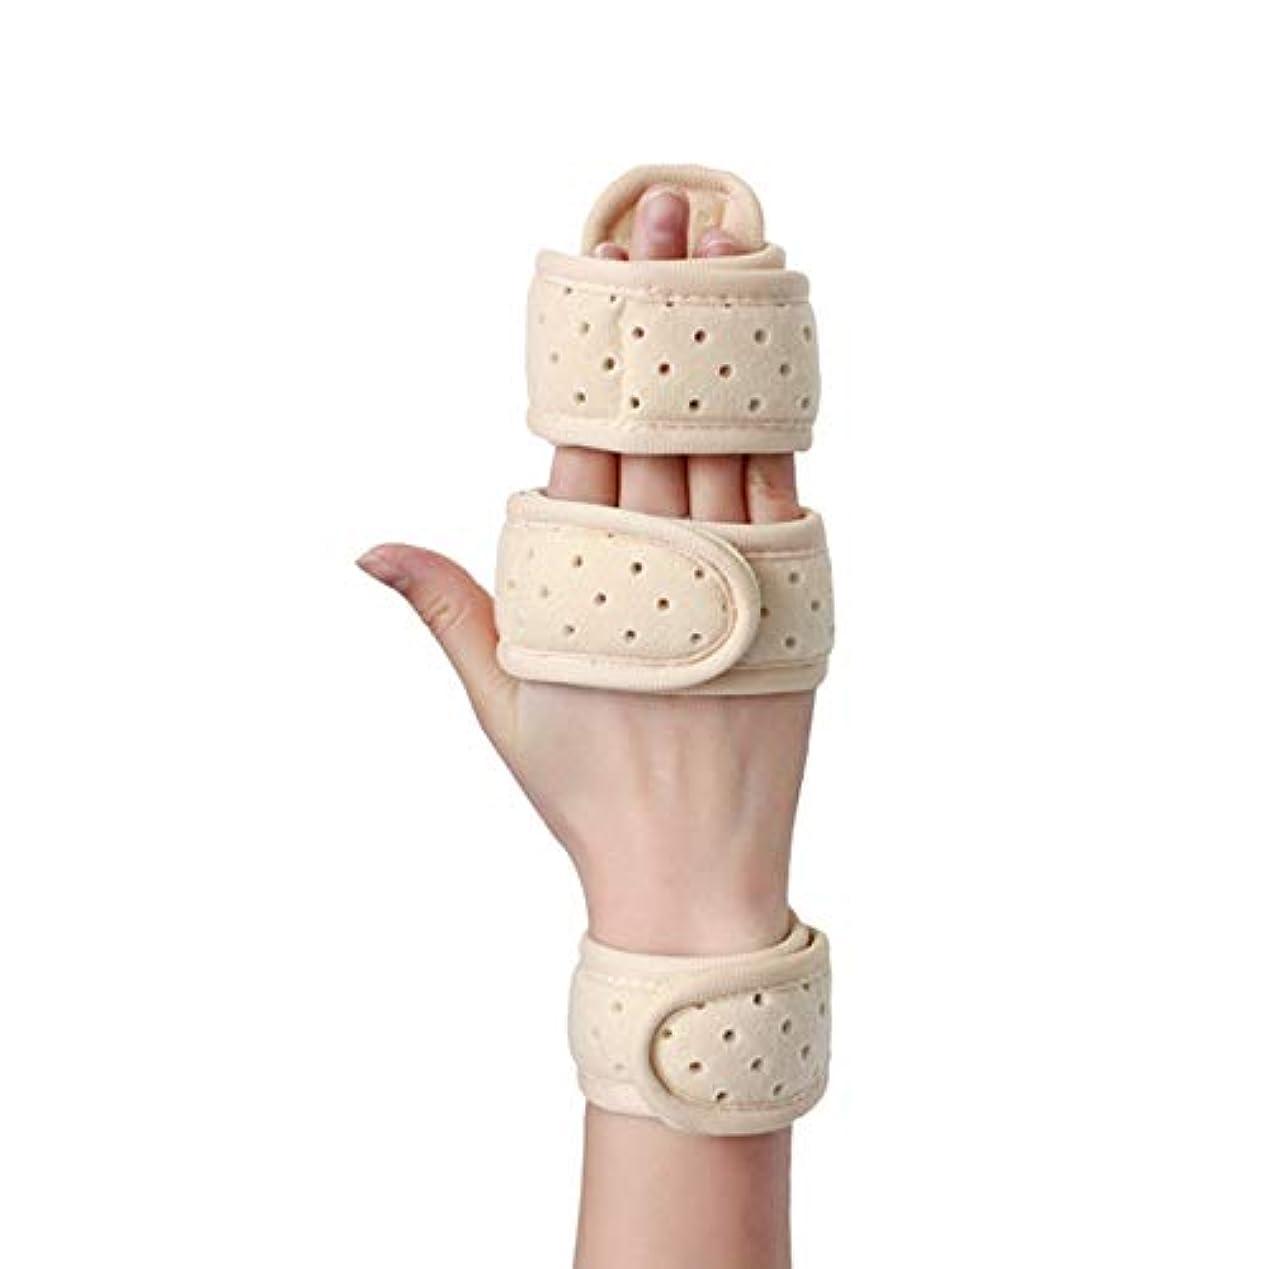 部分的にアウターエンコミウム手首装具、医療用リストバンド、関節炎および腱炎用の快適で調整可能な手首支持装具、痛みを軽減する手首圧迫ラップ